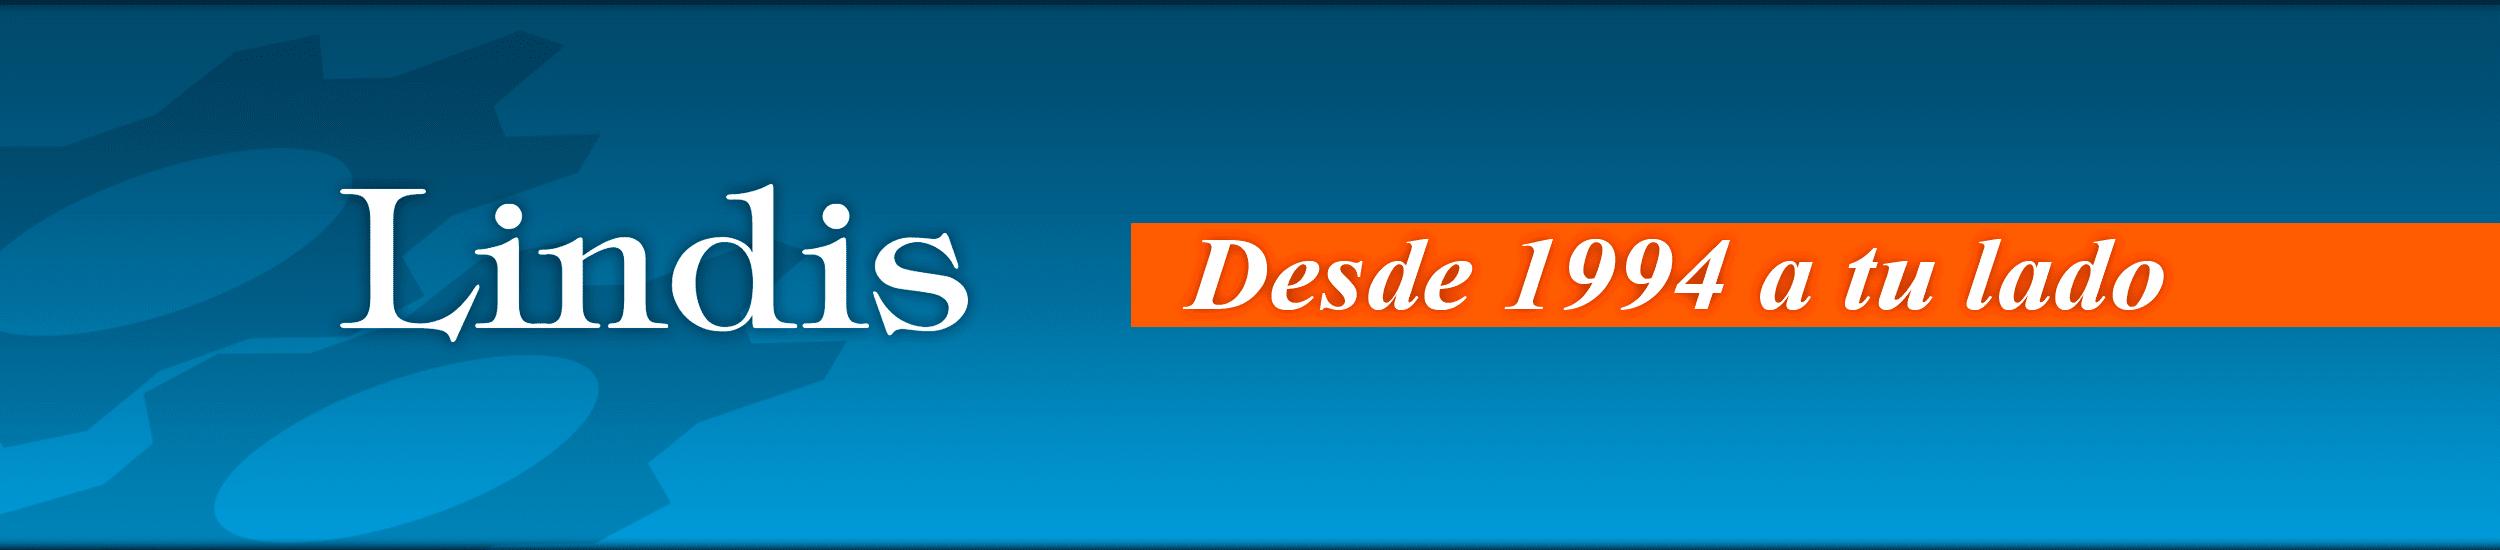 slide1_ES